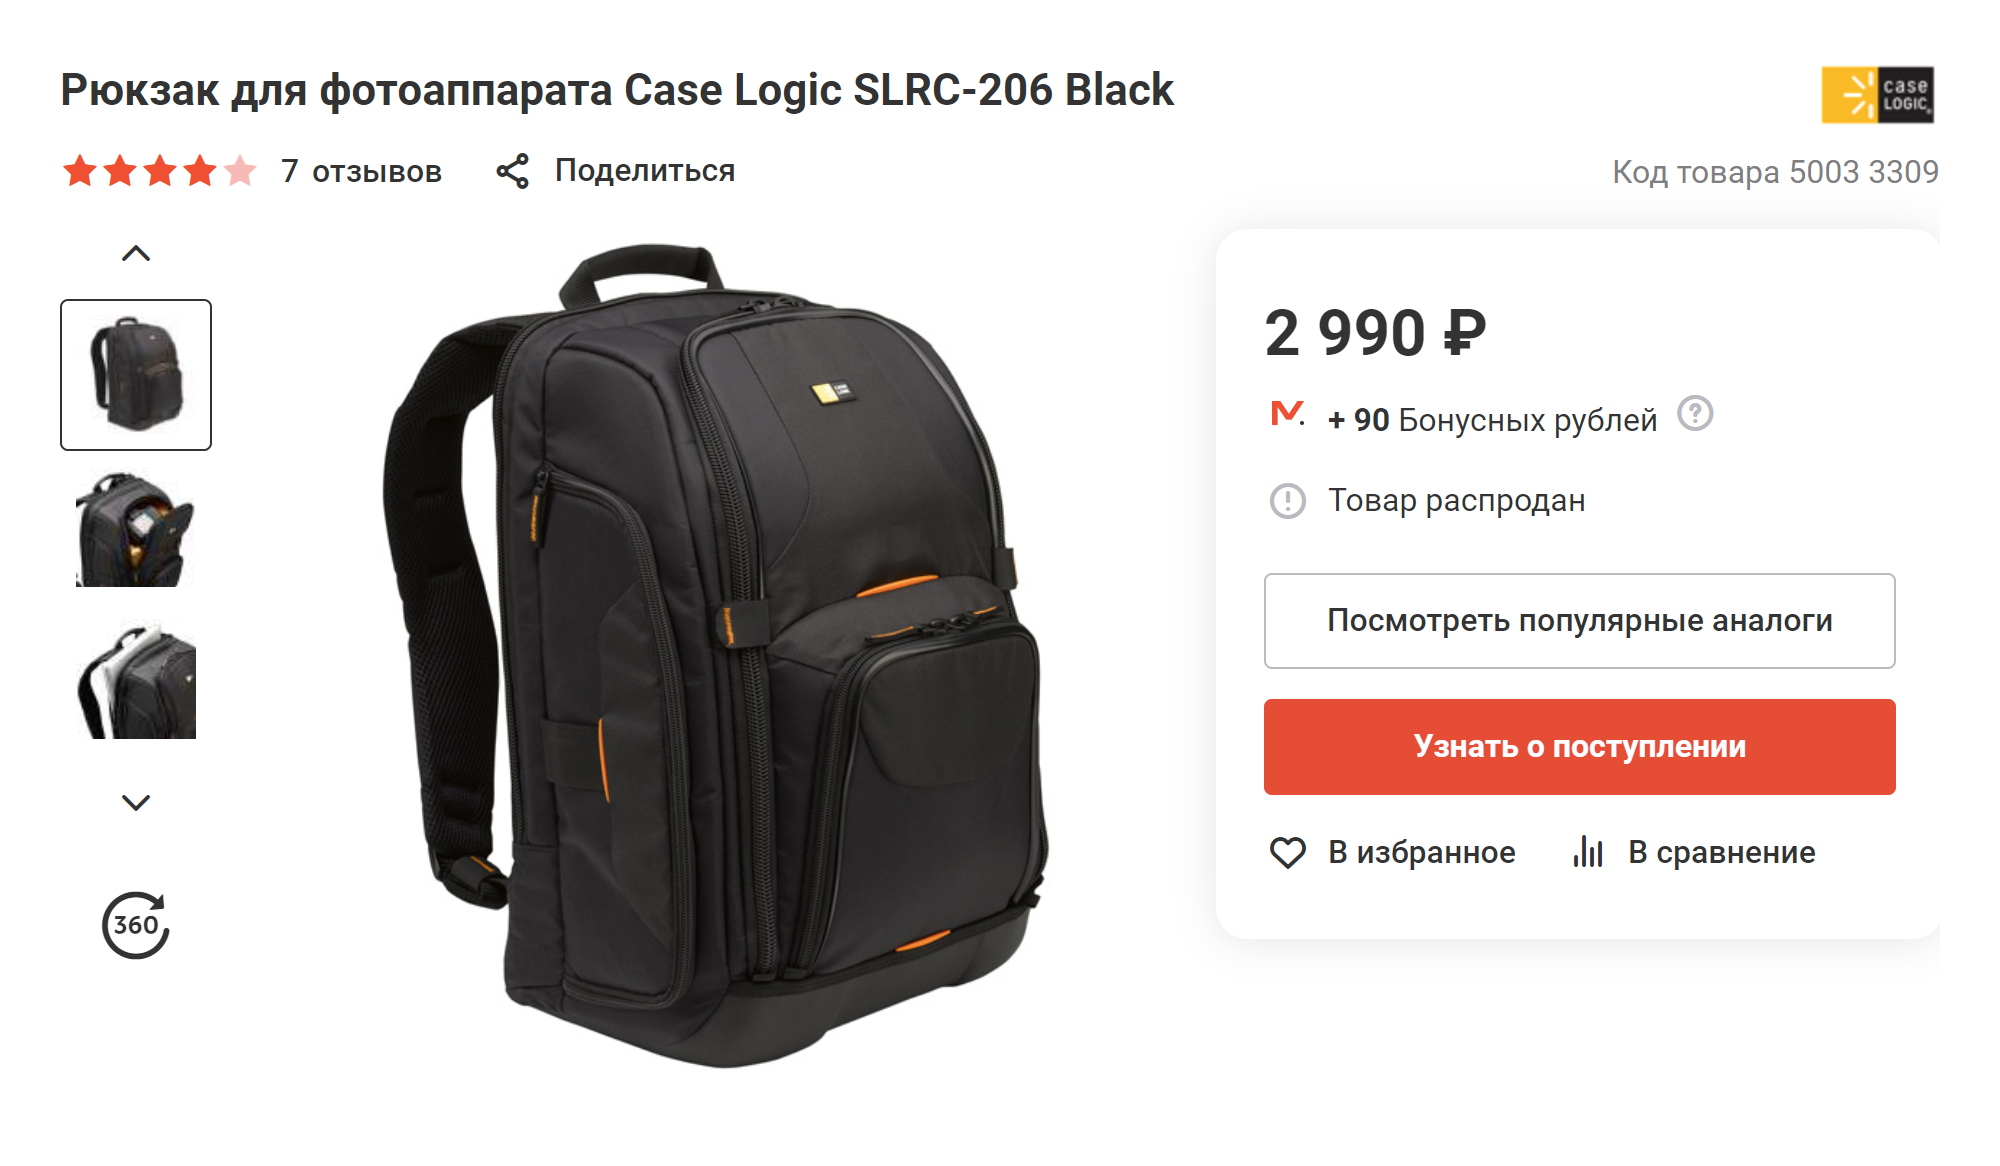 Пришлось купить большой рюкзак, чтобы носить фототехнику ссобой. Внутри — отсеки дляфотоаппарата, объективов, ремни длякрепления штатива. Источник: «М-видео»